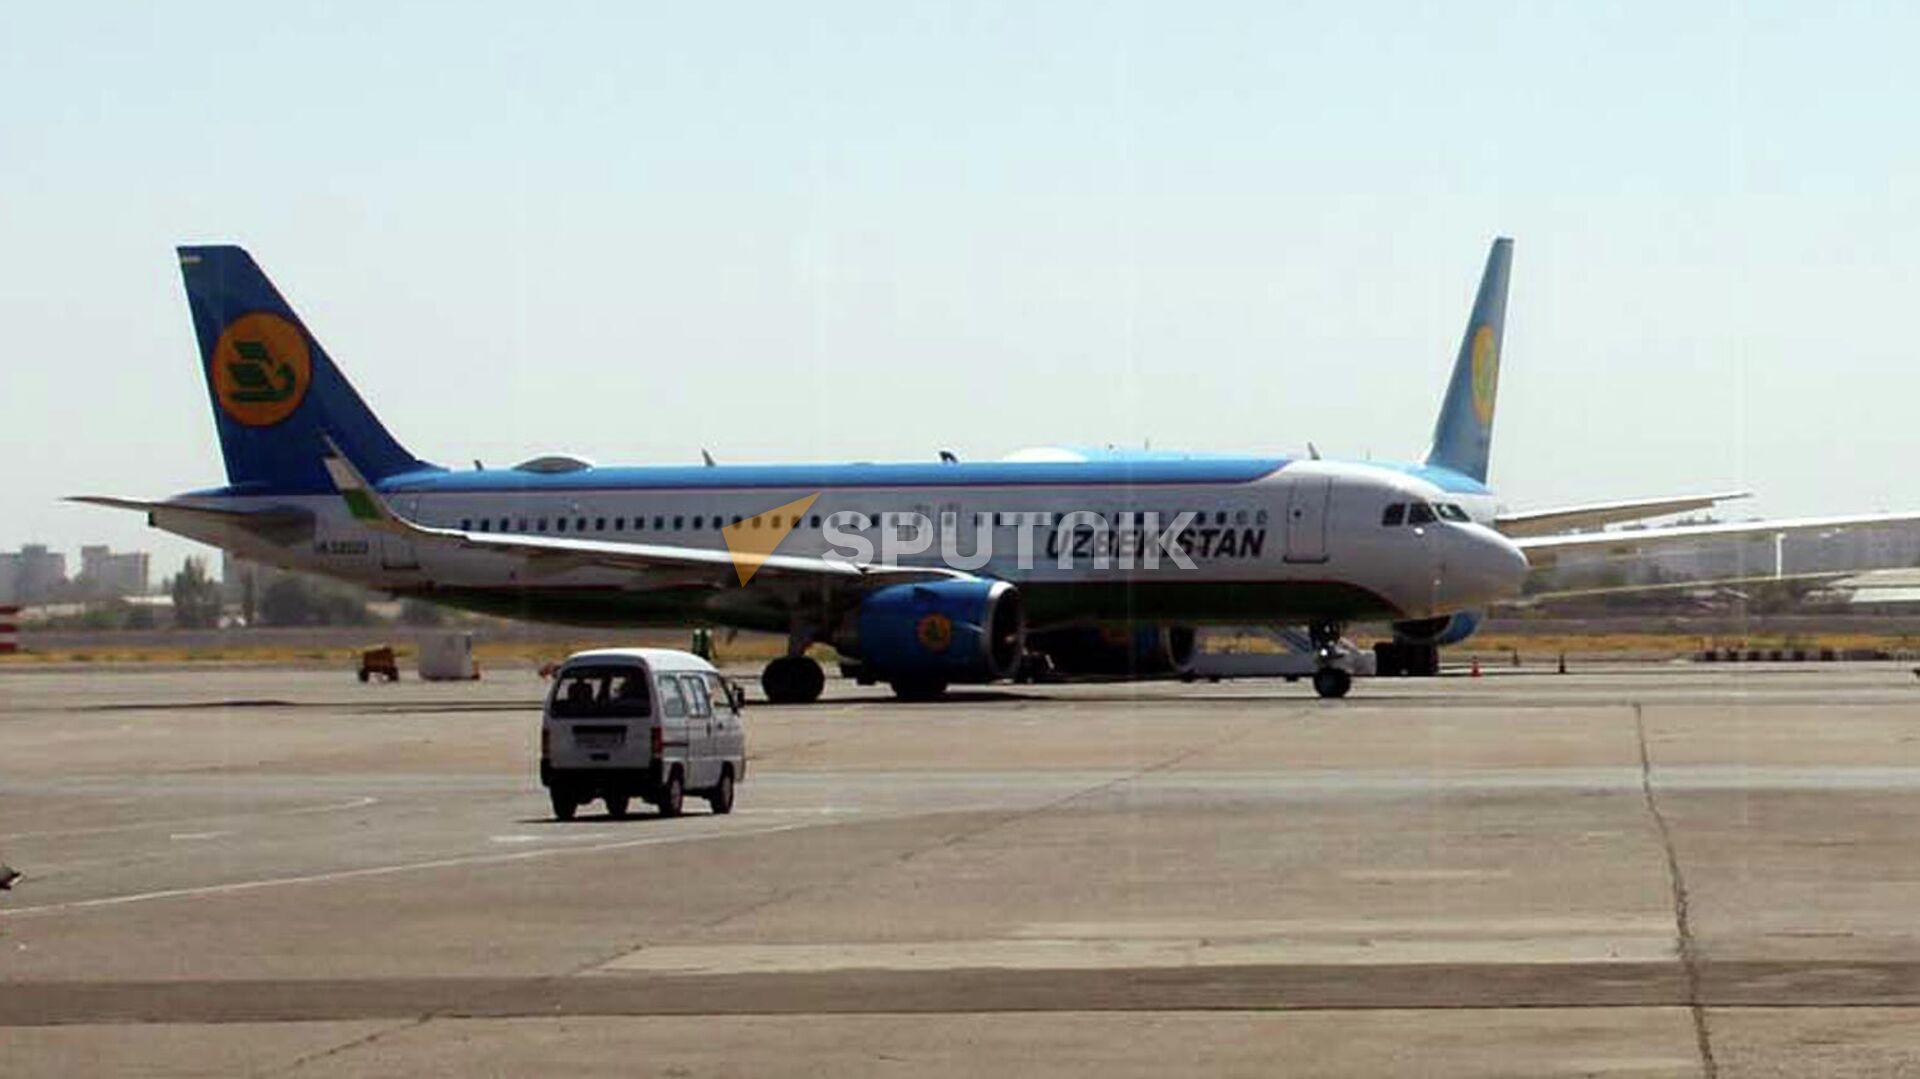 В аэропорту Ташкента открылся новый зал вылета - Sputnik Ўзбекистон, 1920, 09.10.2021